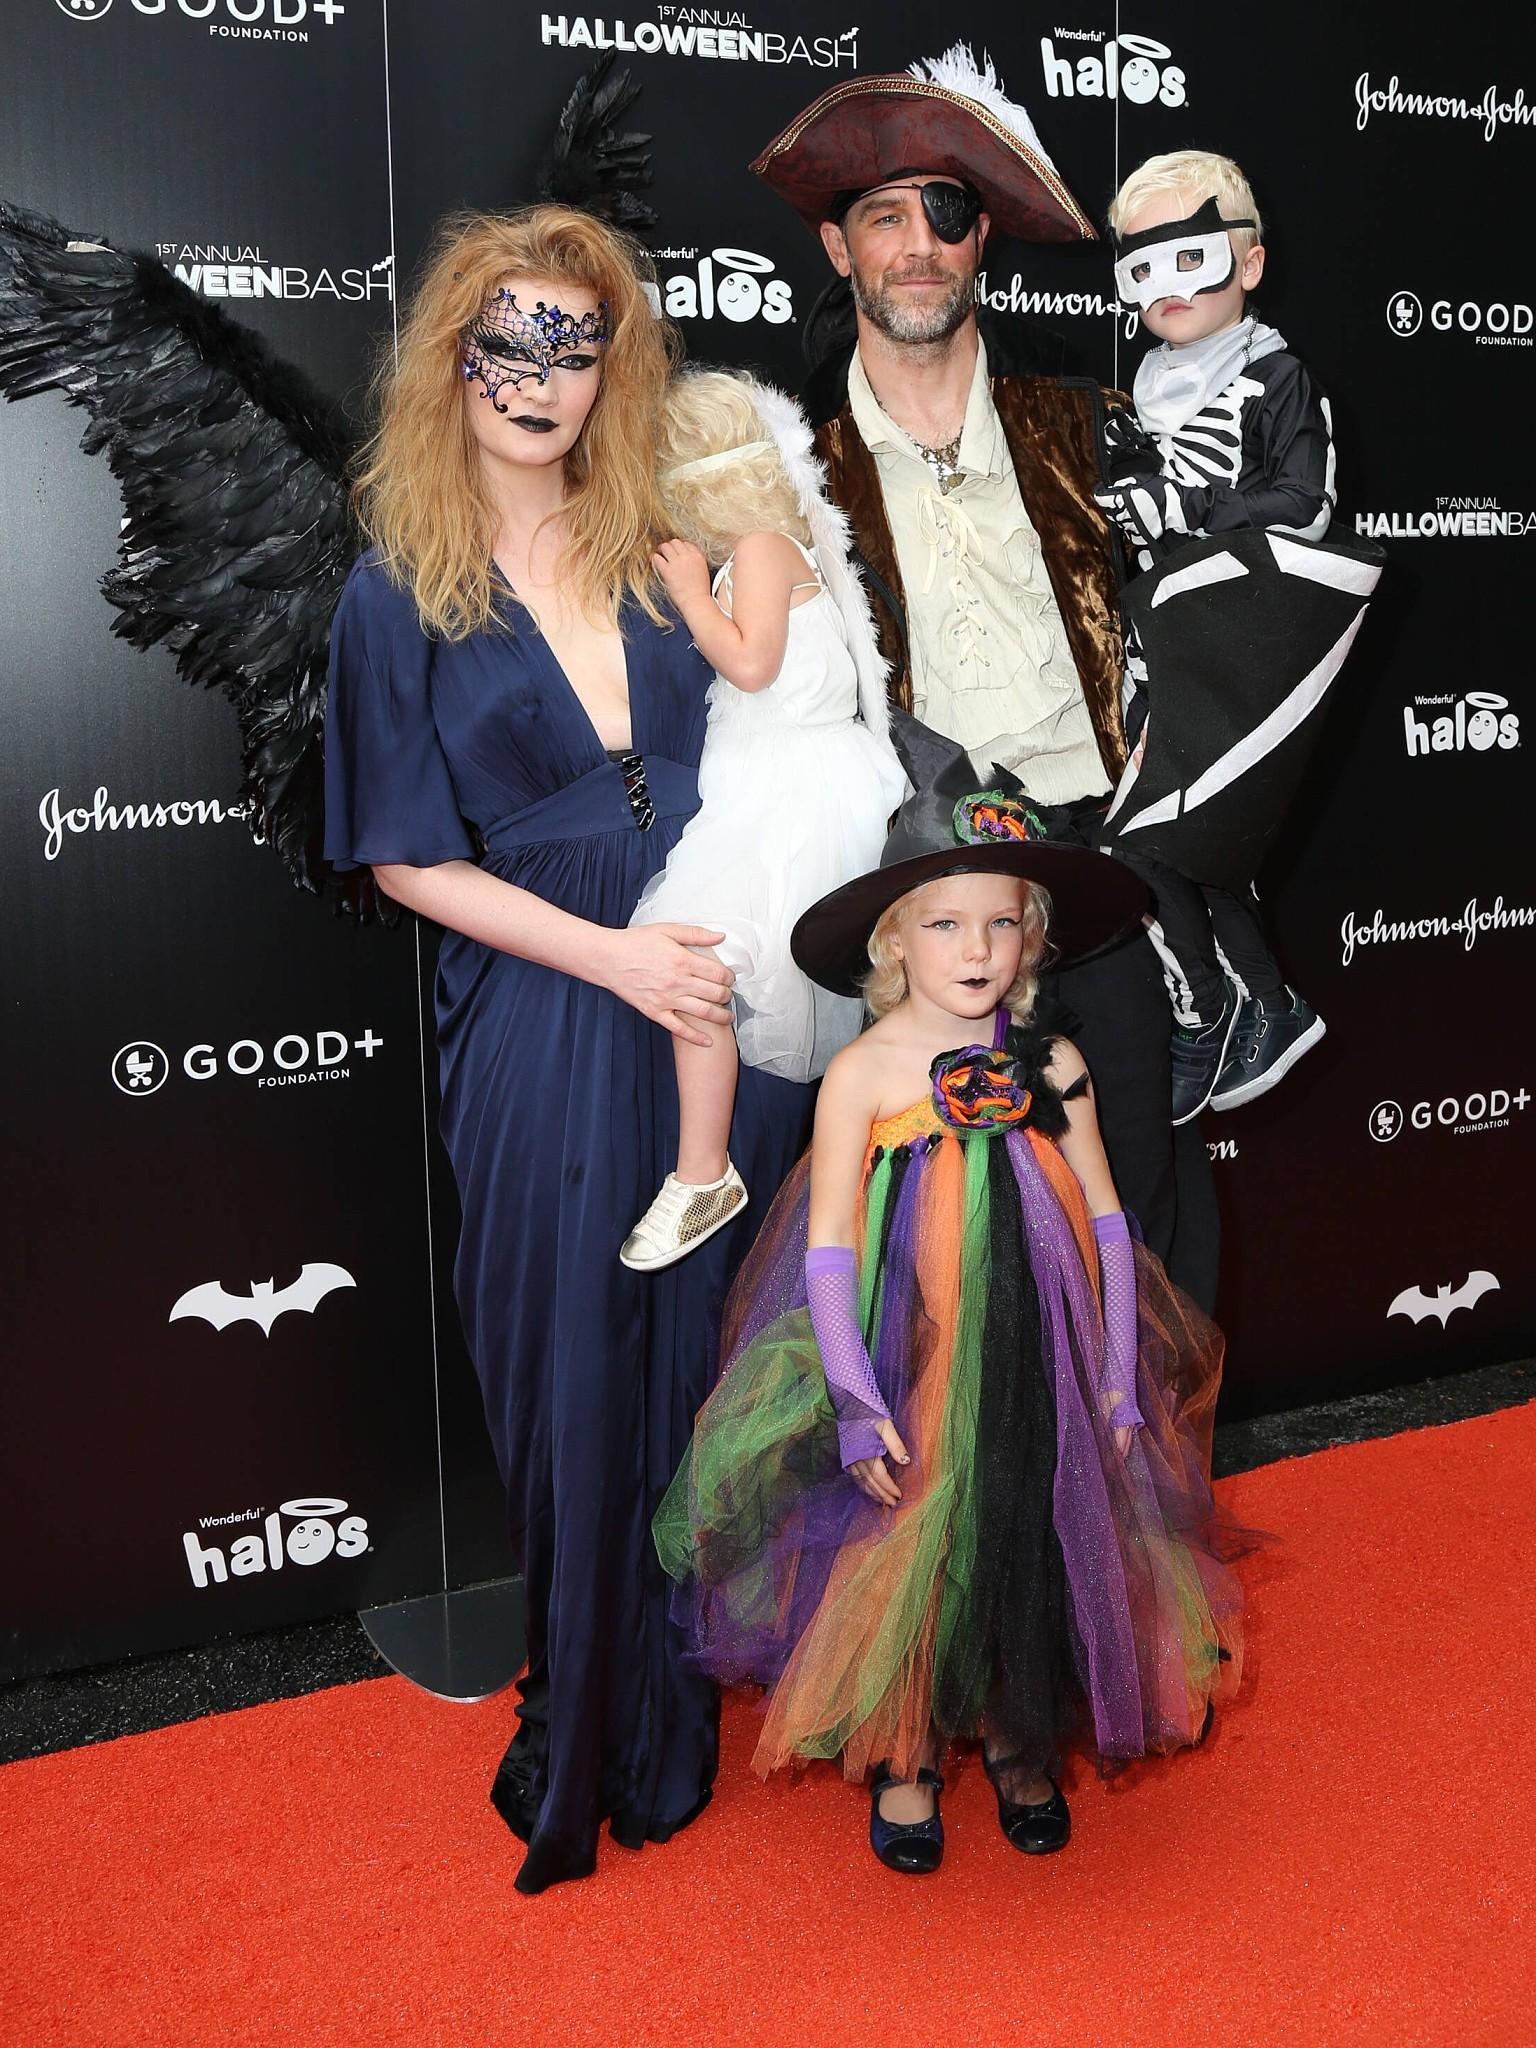 Halloween Kostueme Stars.Halloween 2016 Das Waren Die Kostume Von Adele Justin Timberlake Und Co